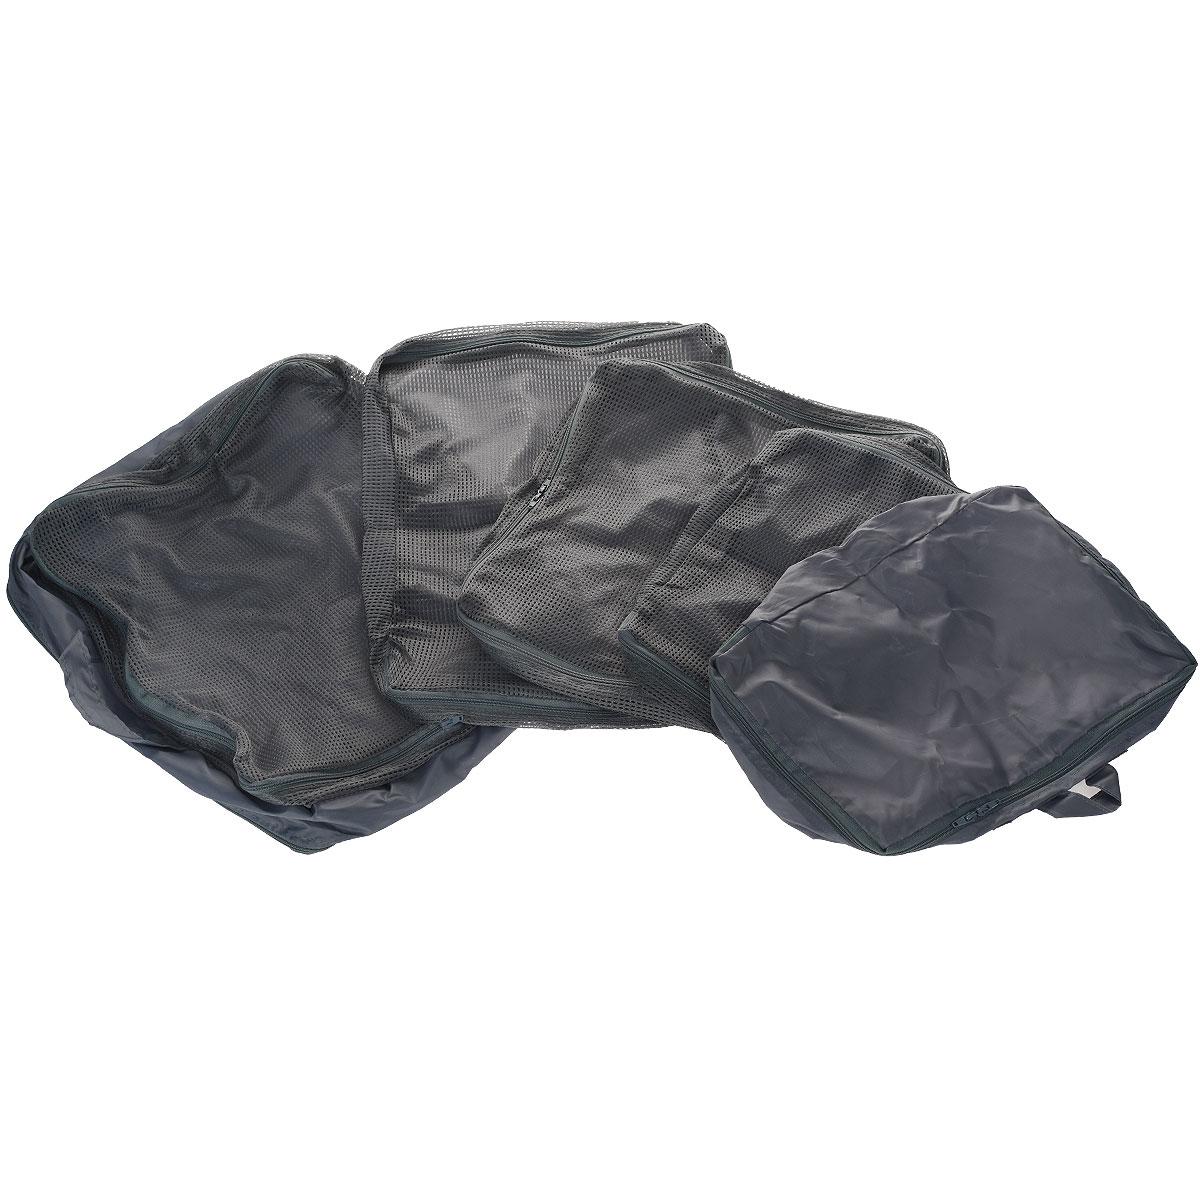 Набор чехлов для путешествий Bradex  Бон Вояж , цвет: серый. TD 0222 - Аксессуары для путешествий